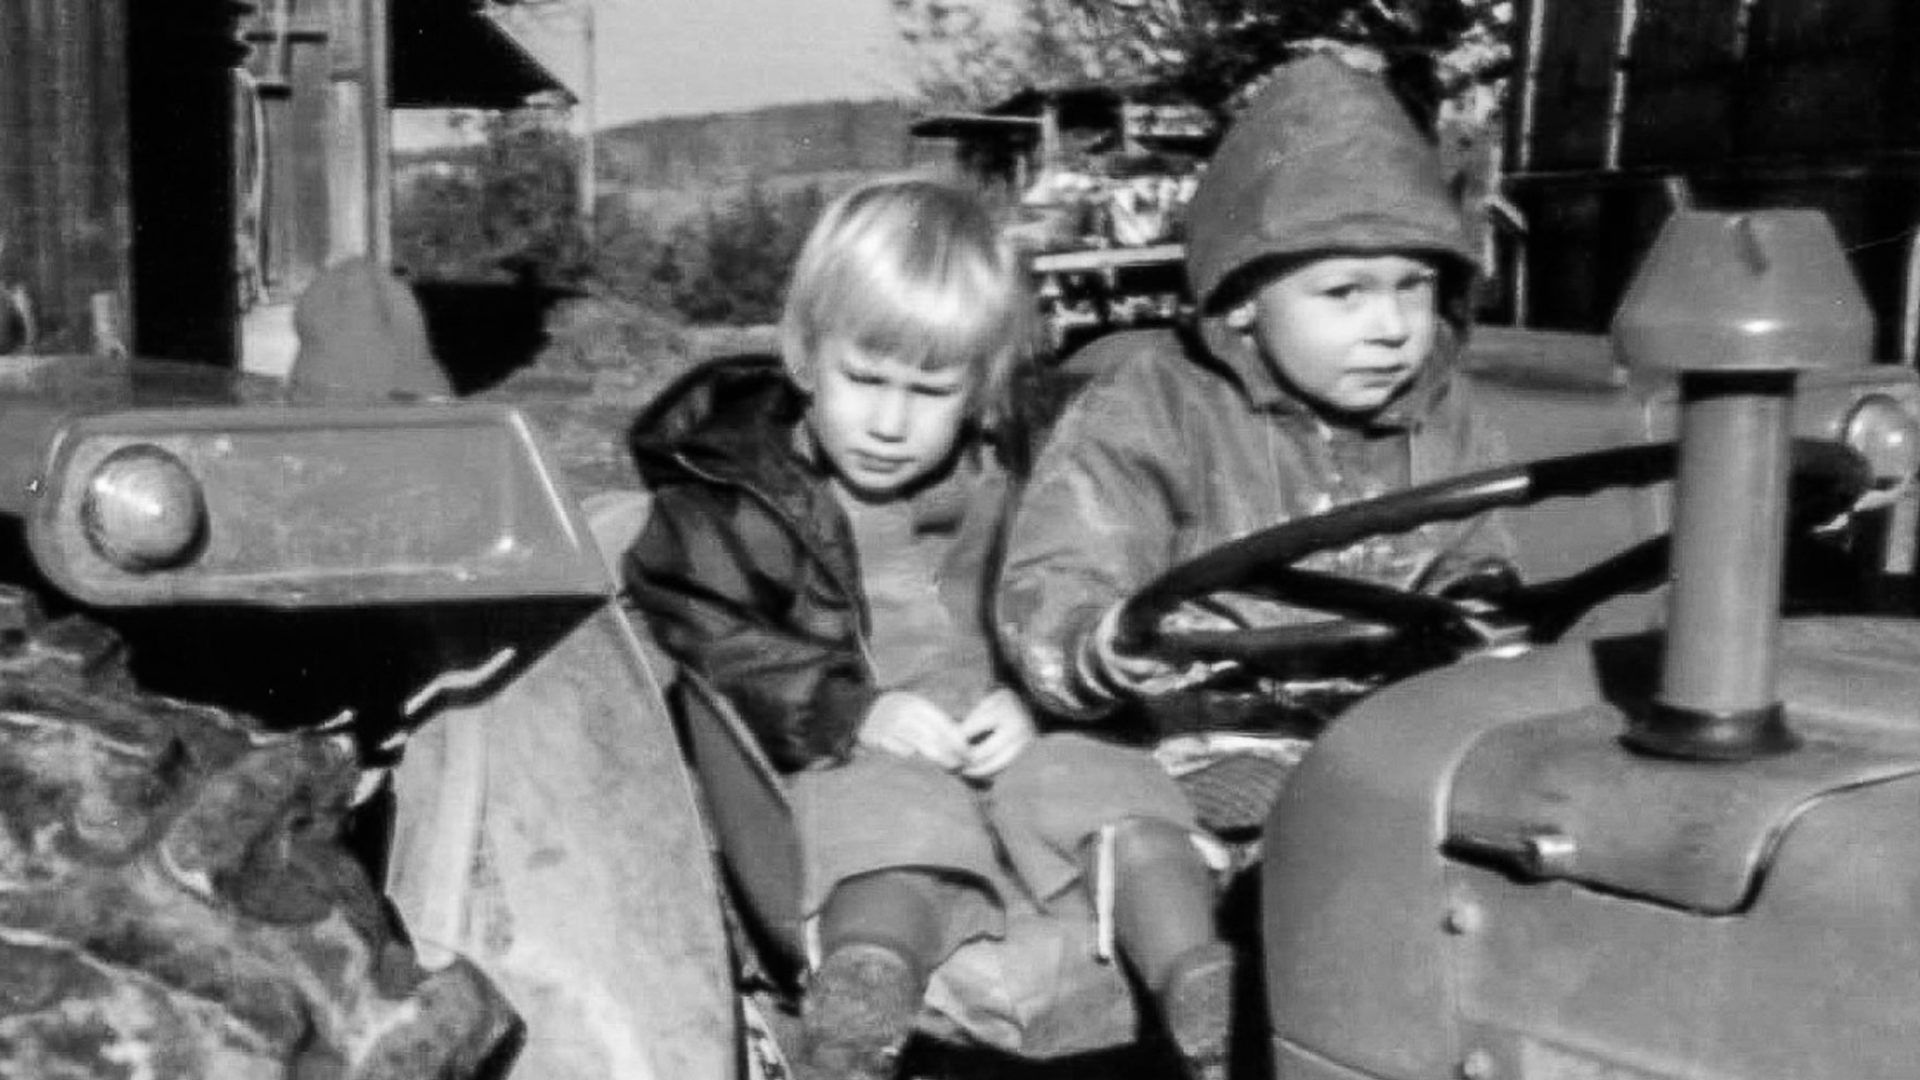 Zwei Kinder auf Traktor